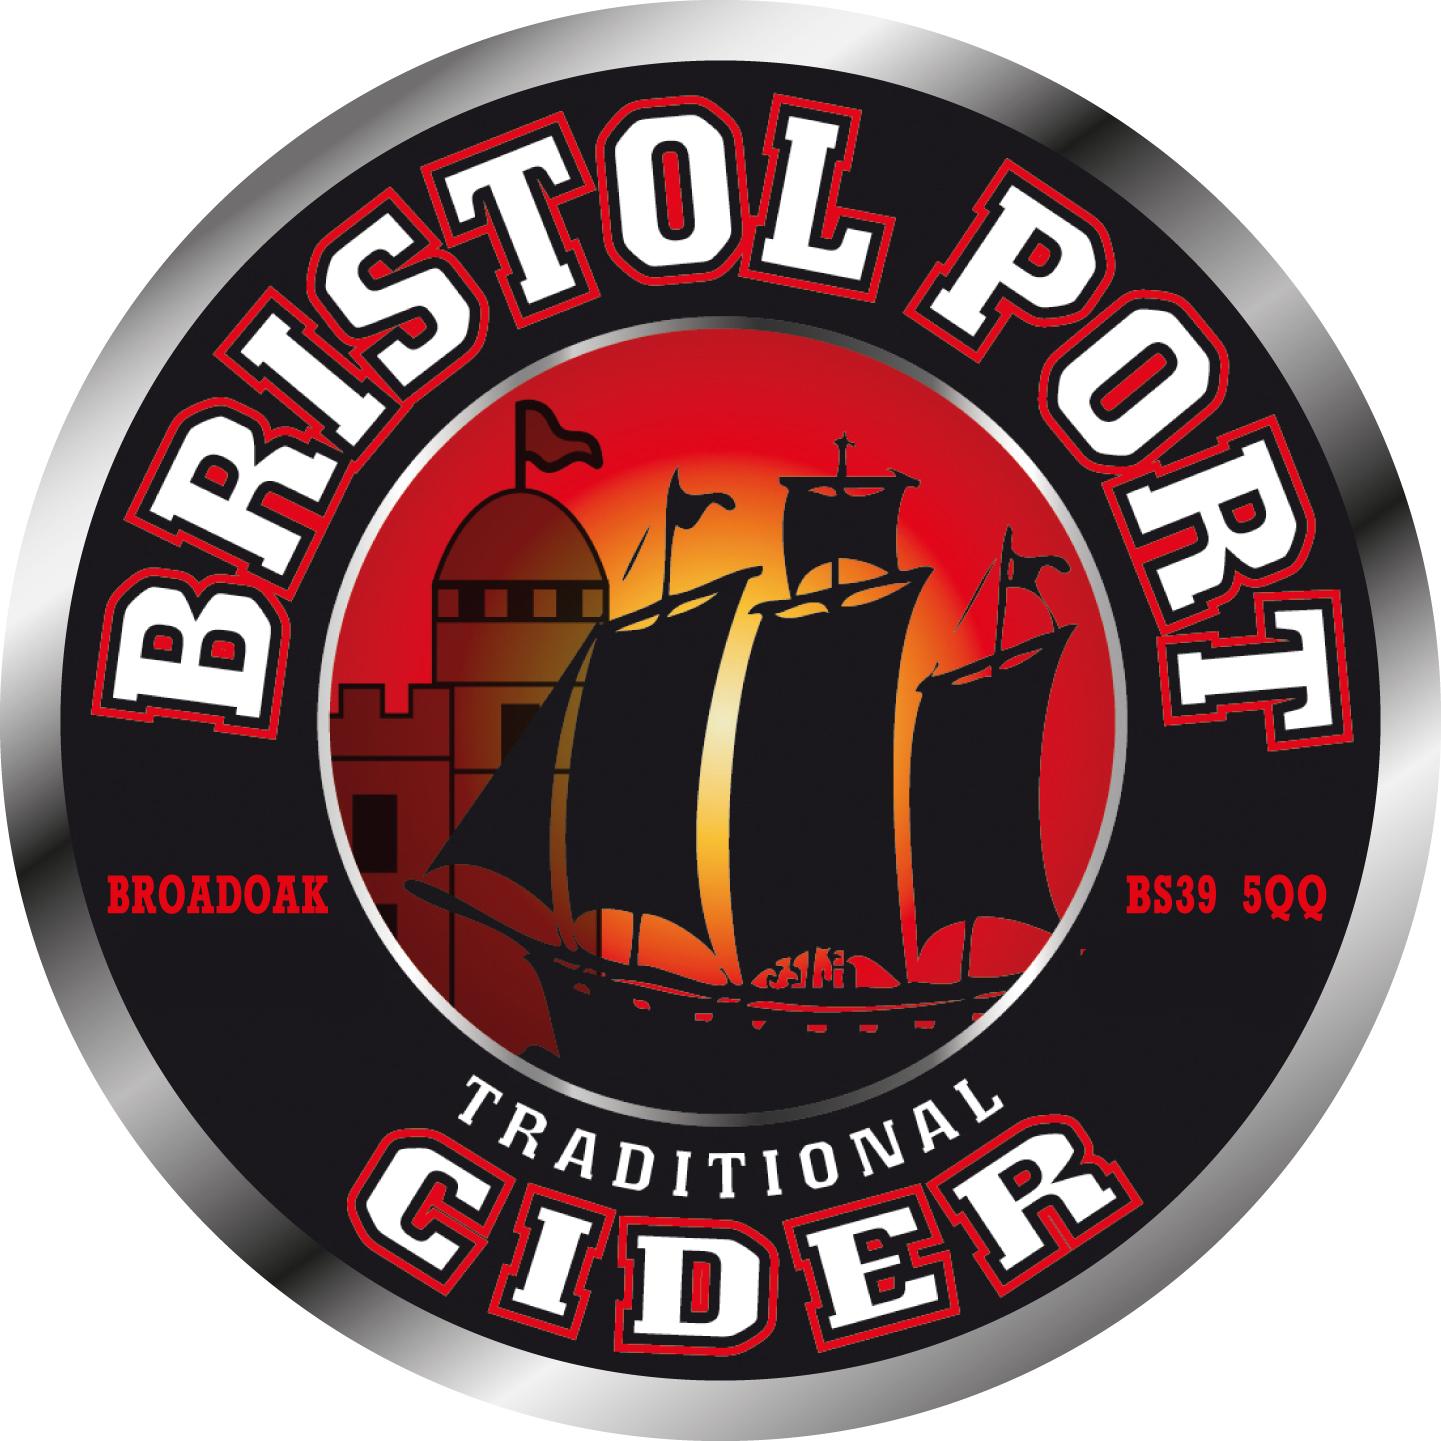 Broadoak Bristol Port 20Ltr Bag In Box Hazy 4.5%